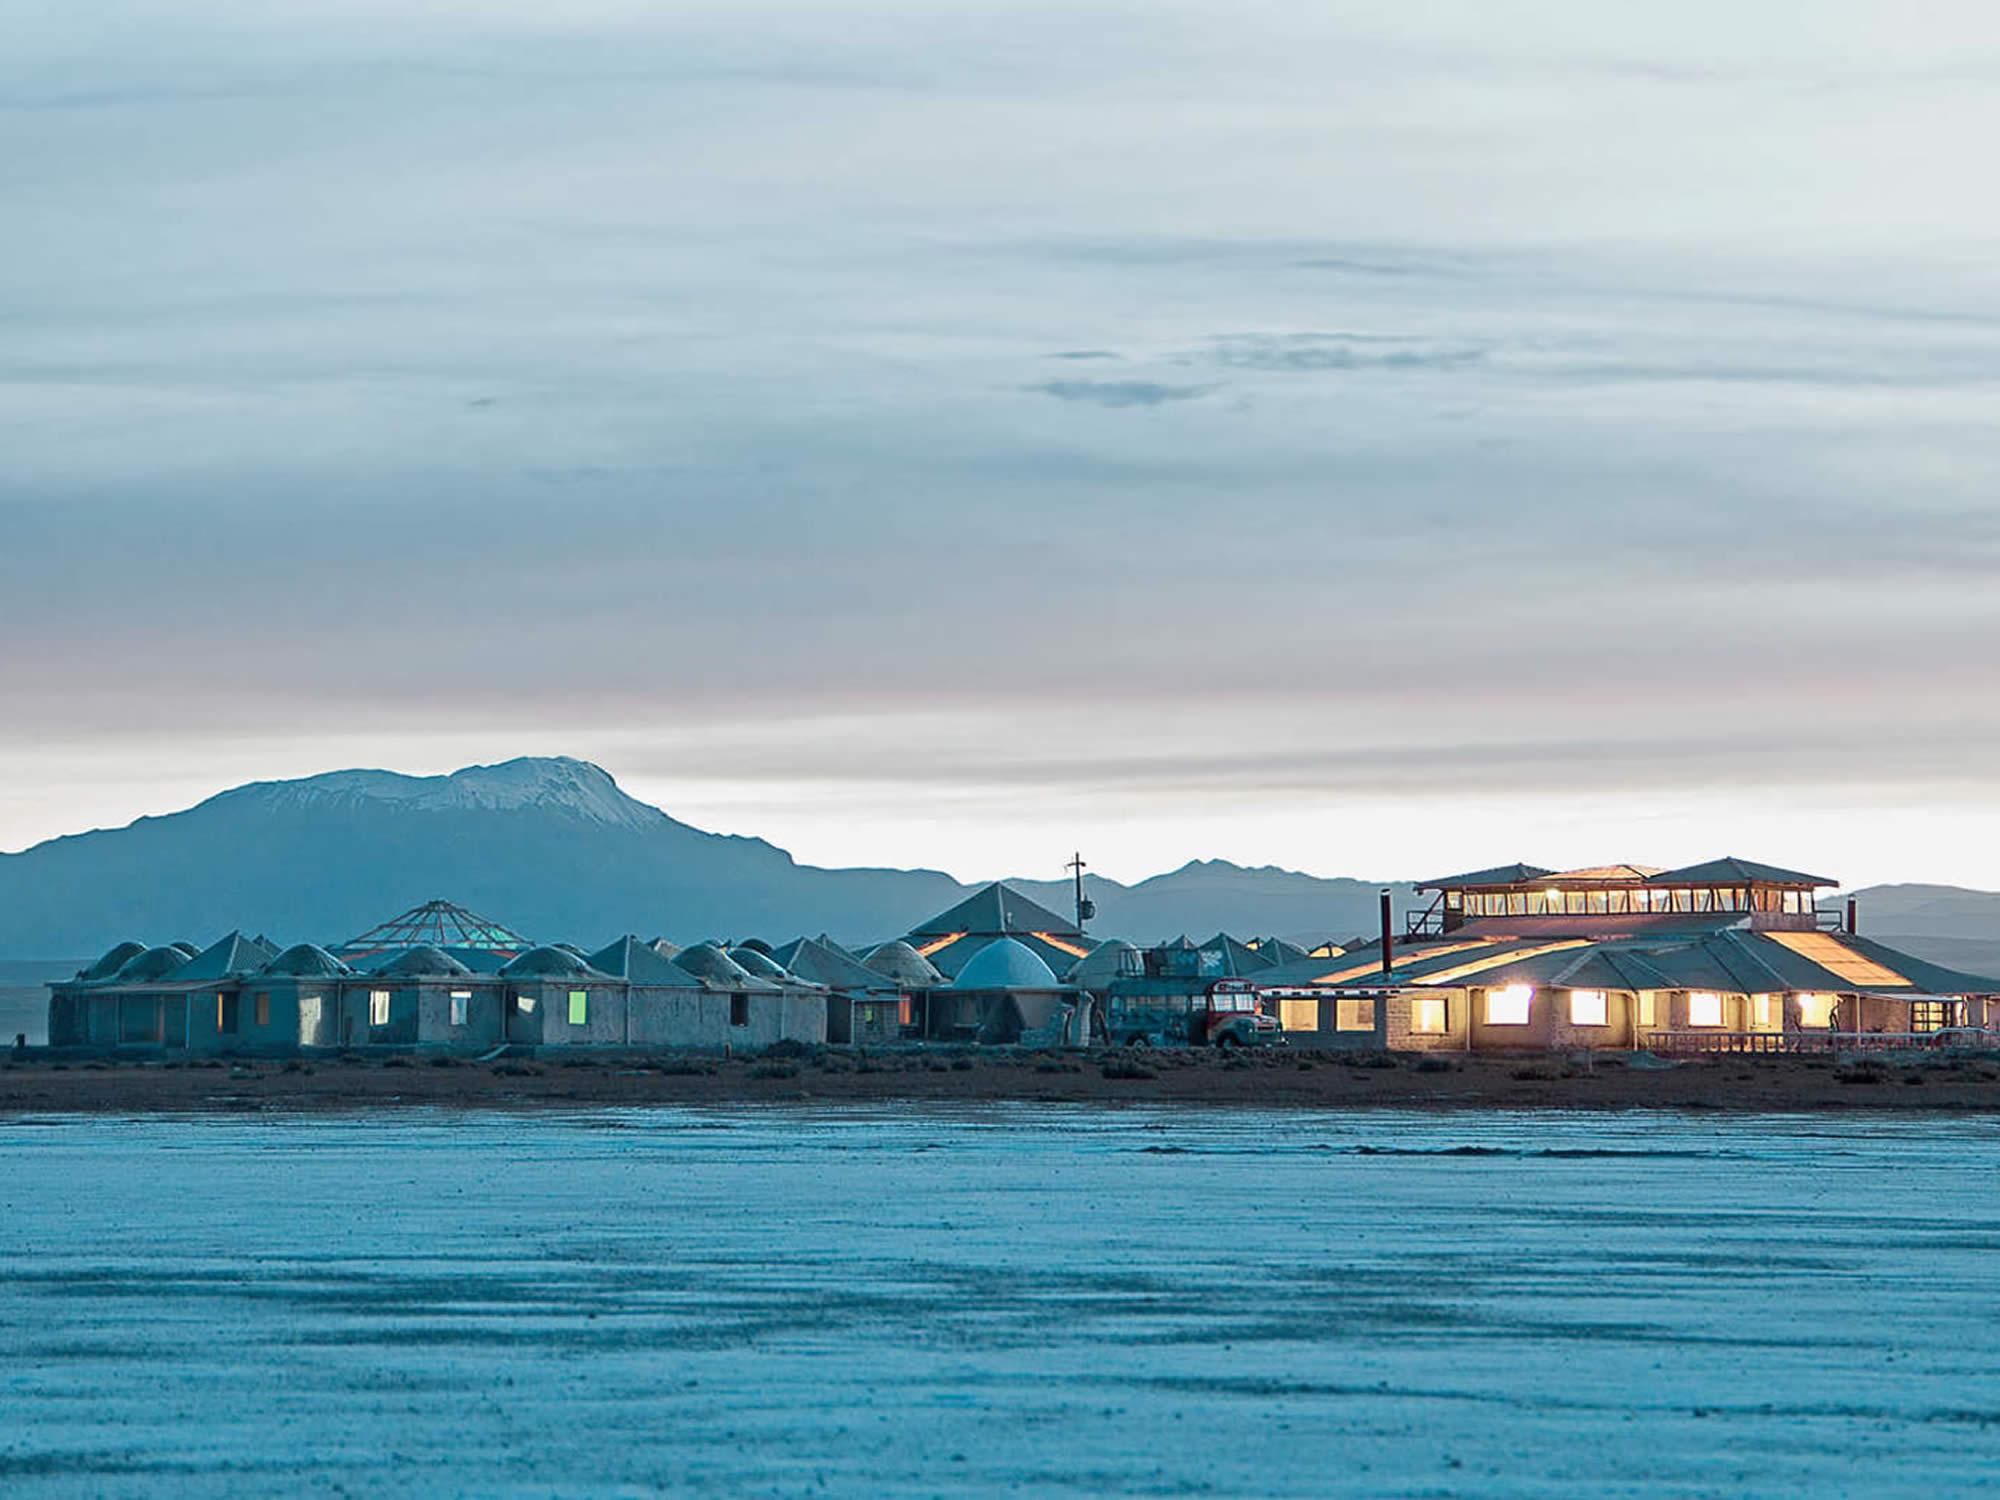 Palacio de Sal hotel seen from the Uyuni Salt Flat